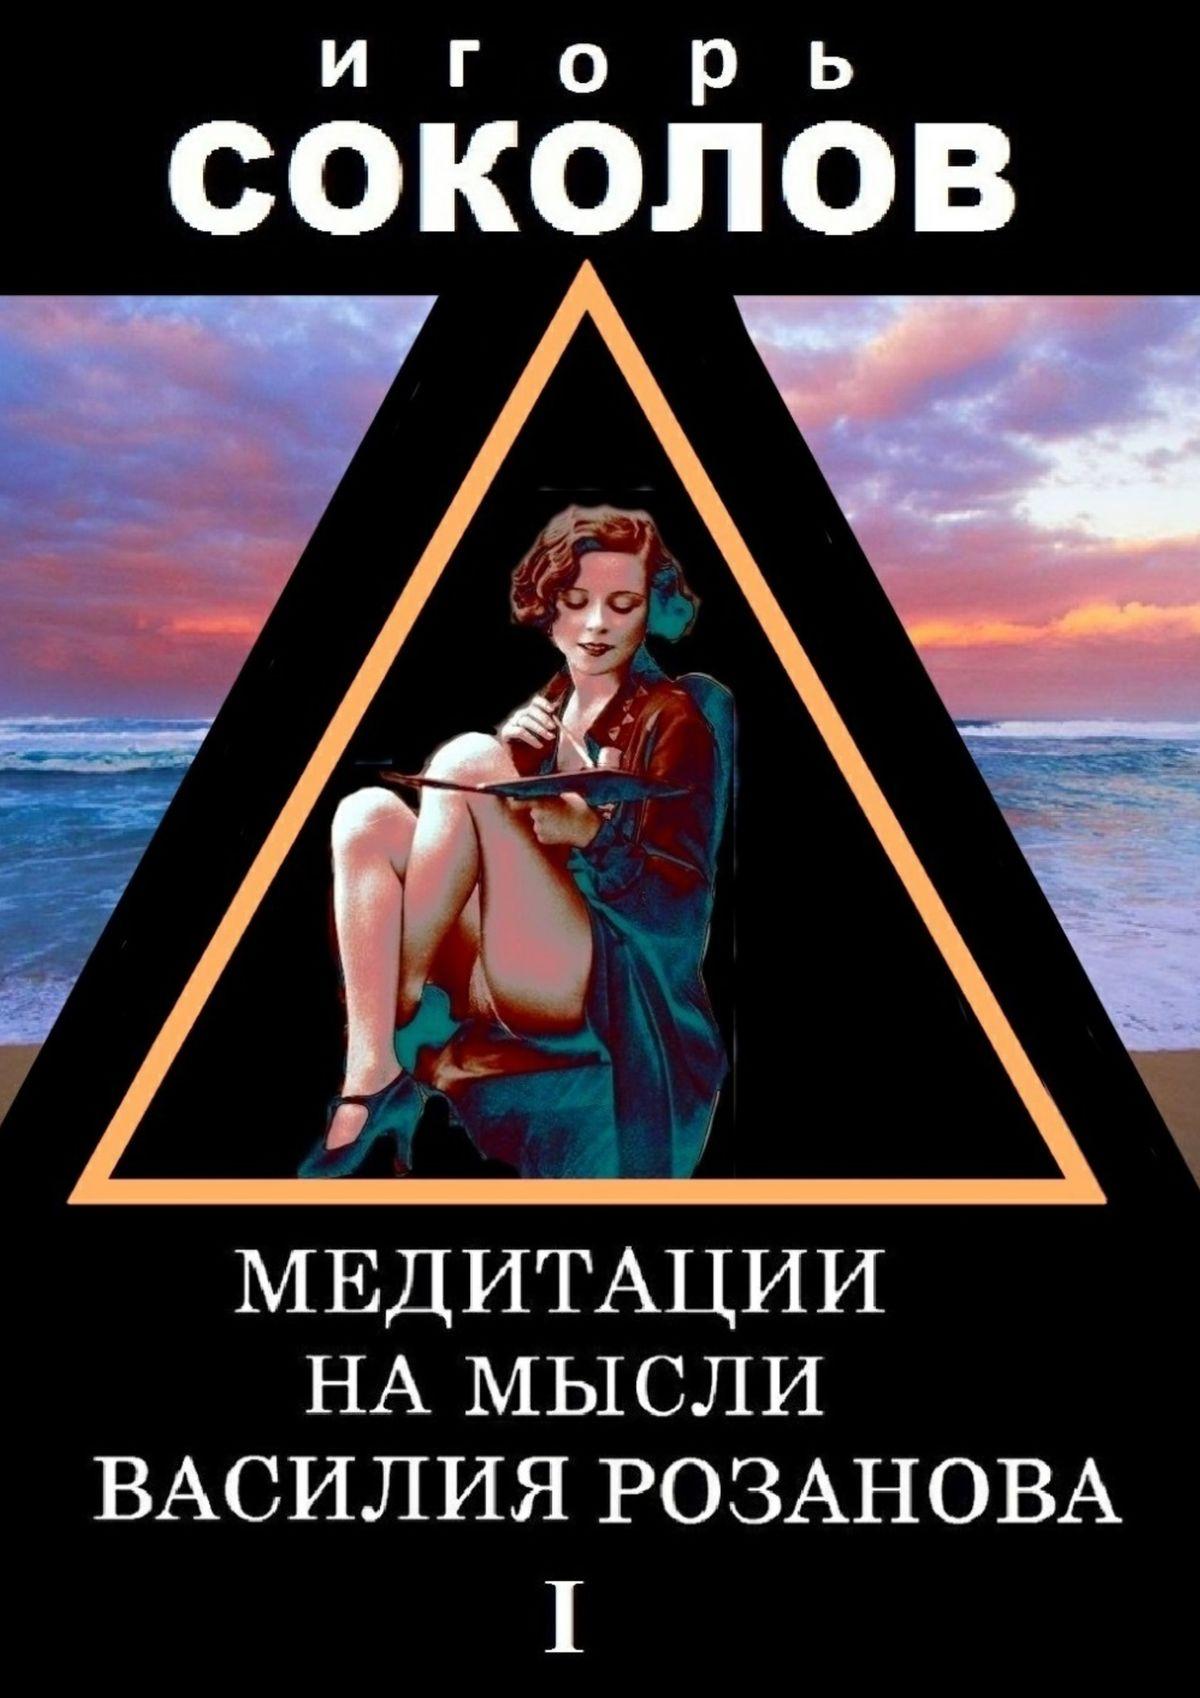 Игорь Павлович Соколов Медитации на мысли Василия Розанова. Том 1